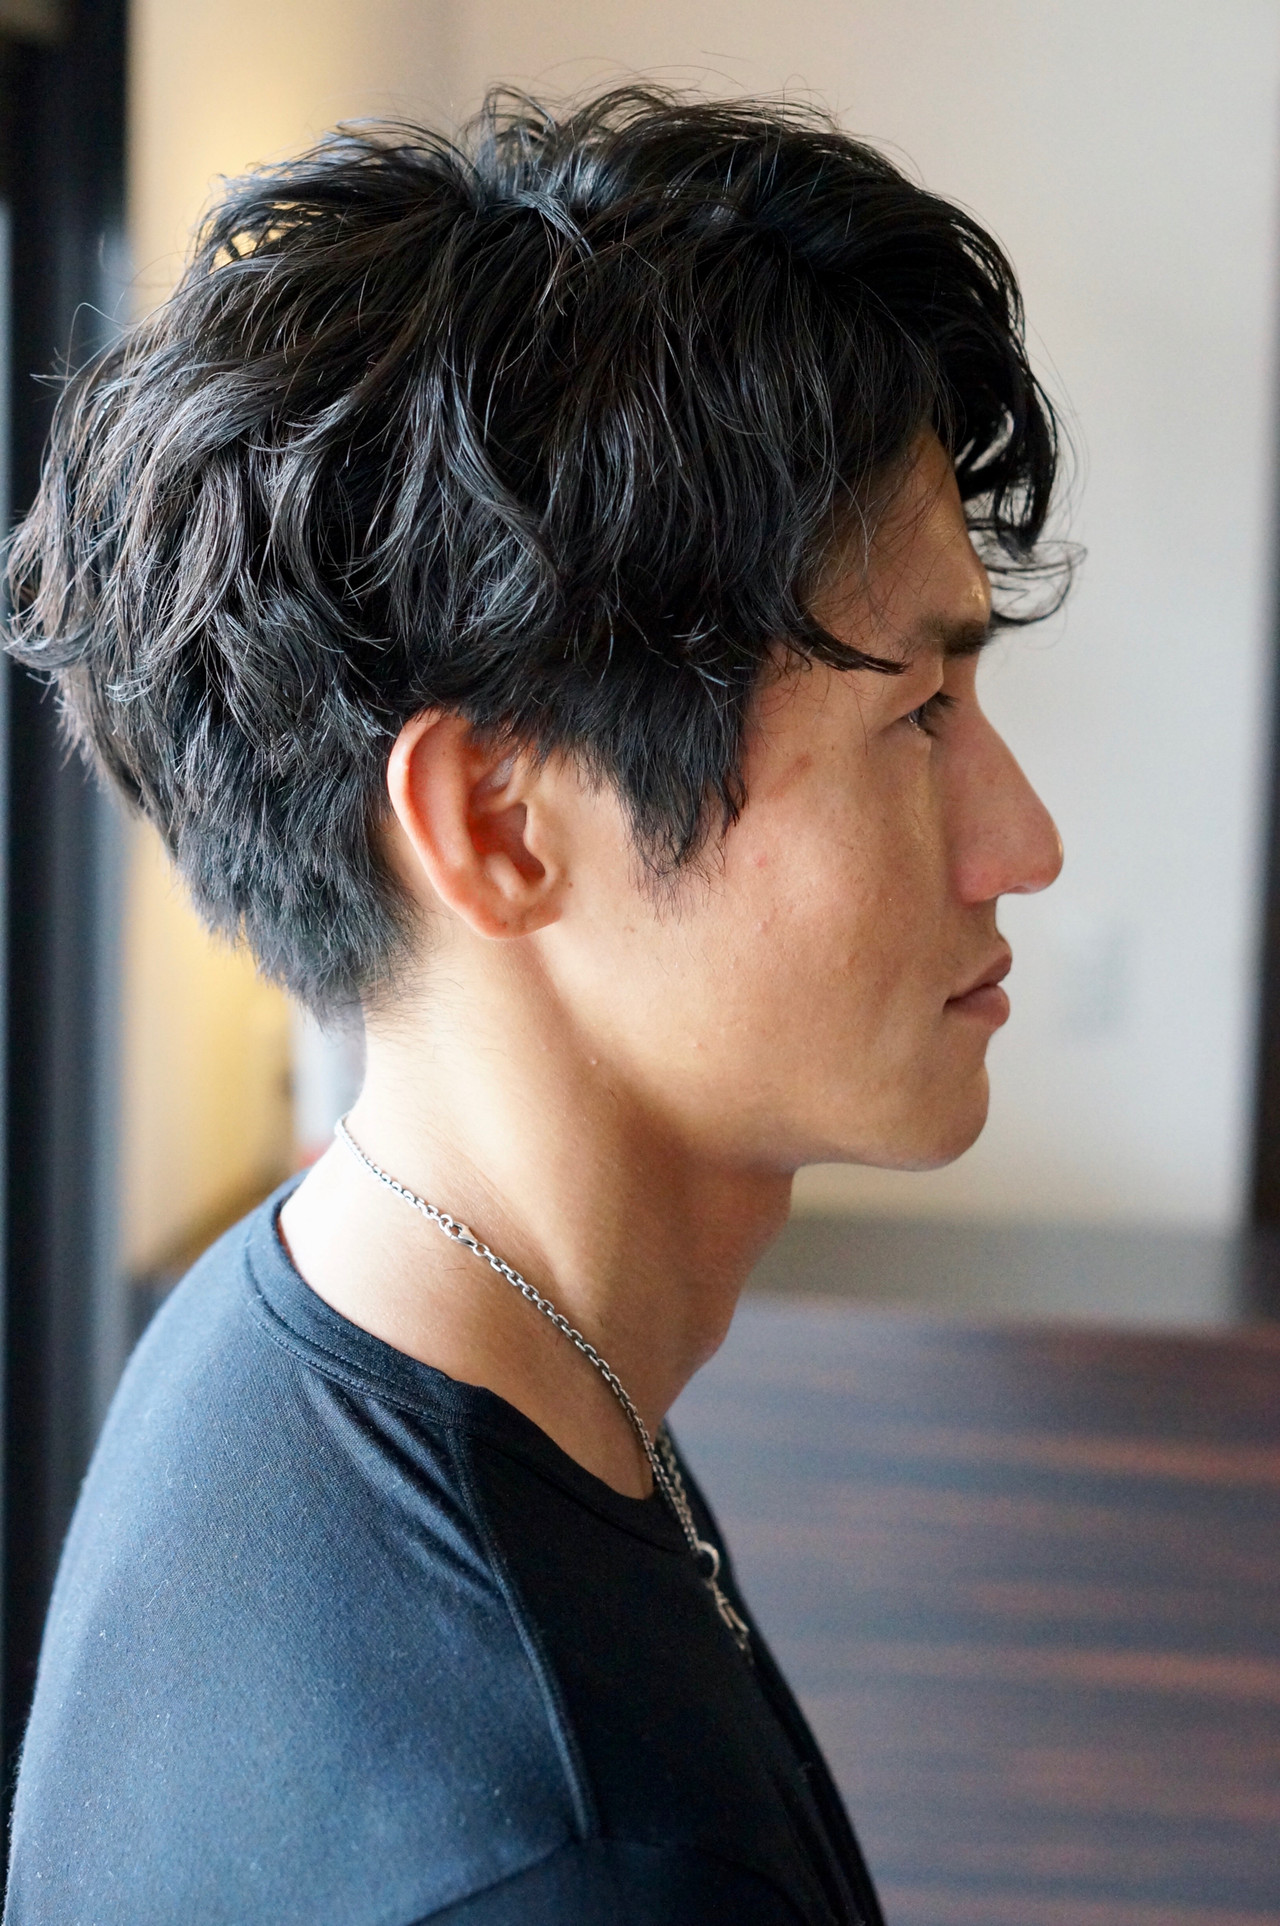 ショート メンズヘア ストリート メンズショート ヘアスタイルや髪型の写真・画像 | 高野康弘 / giorno【ジョルノ】